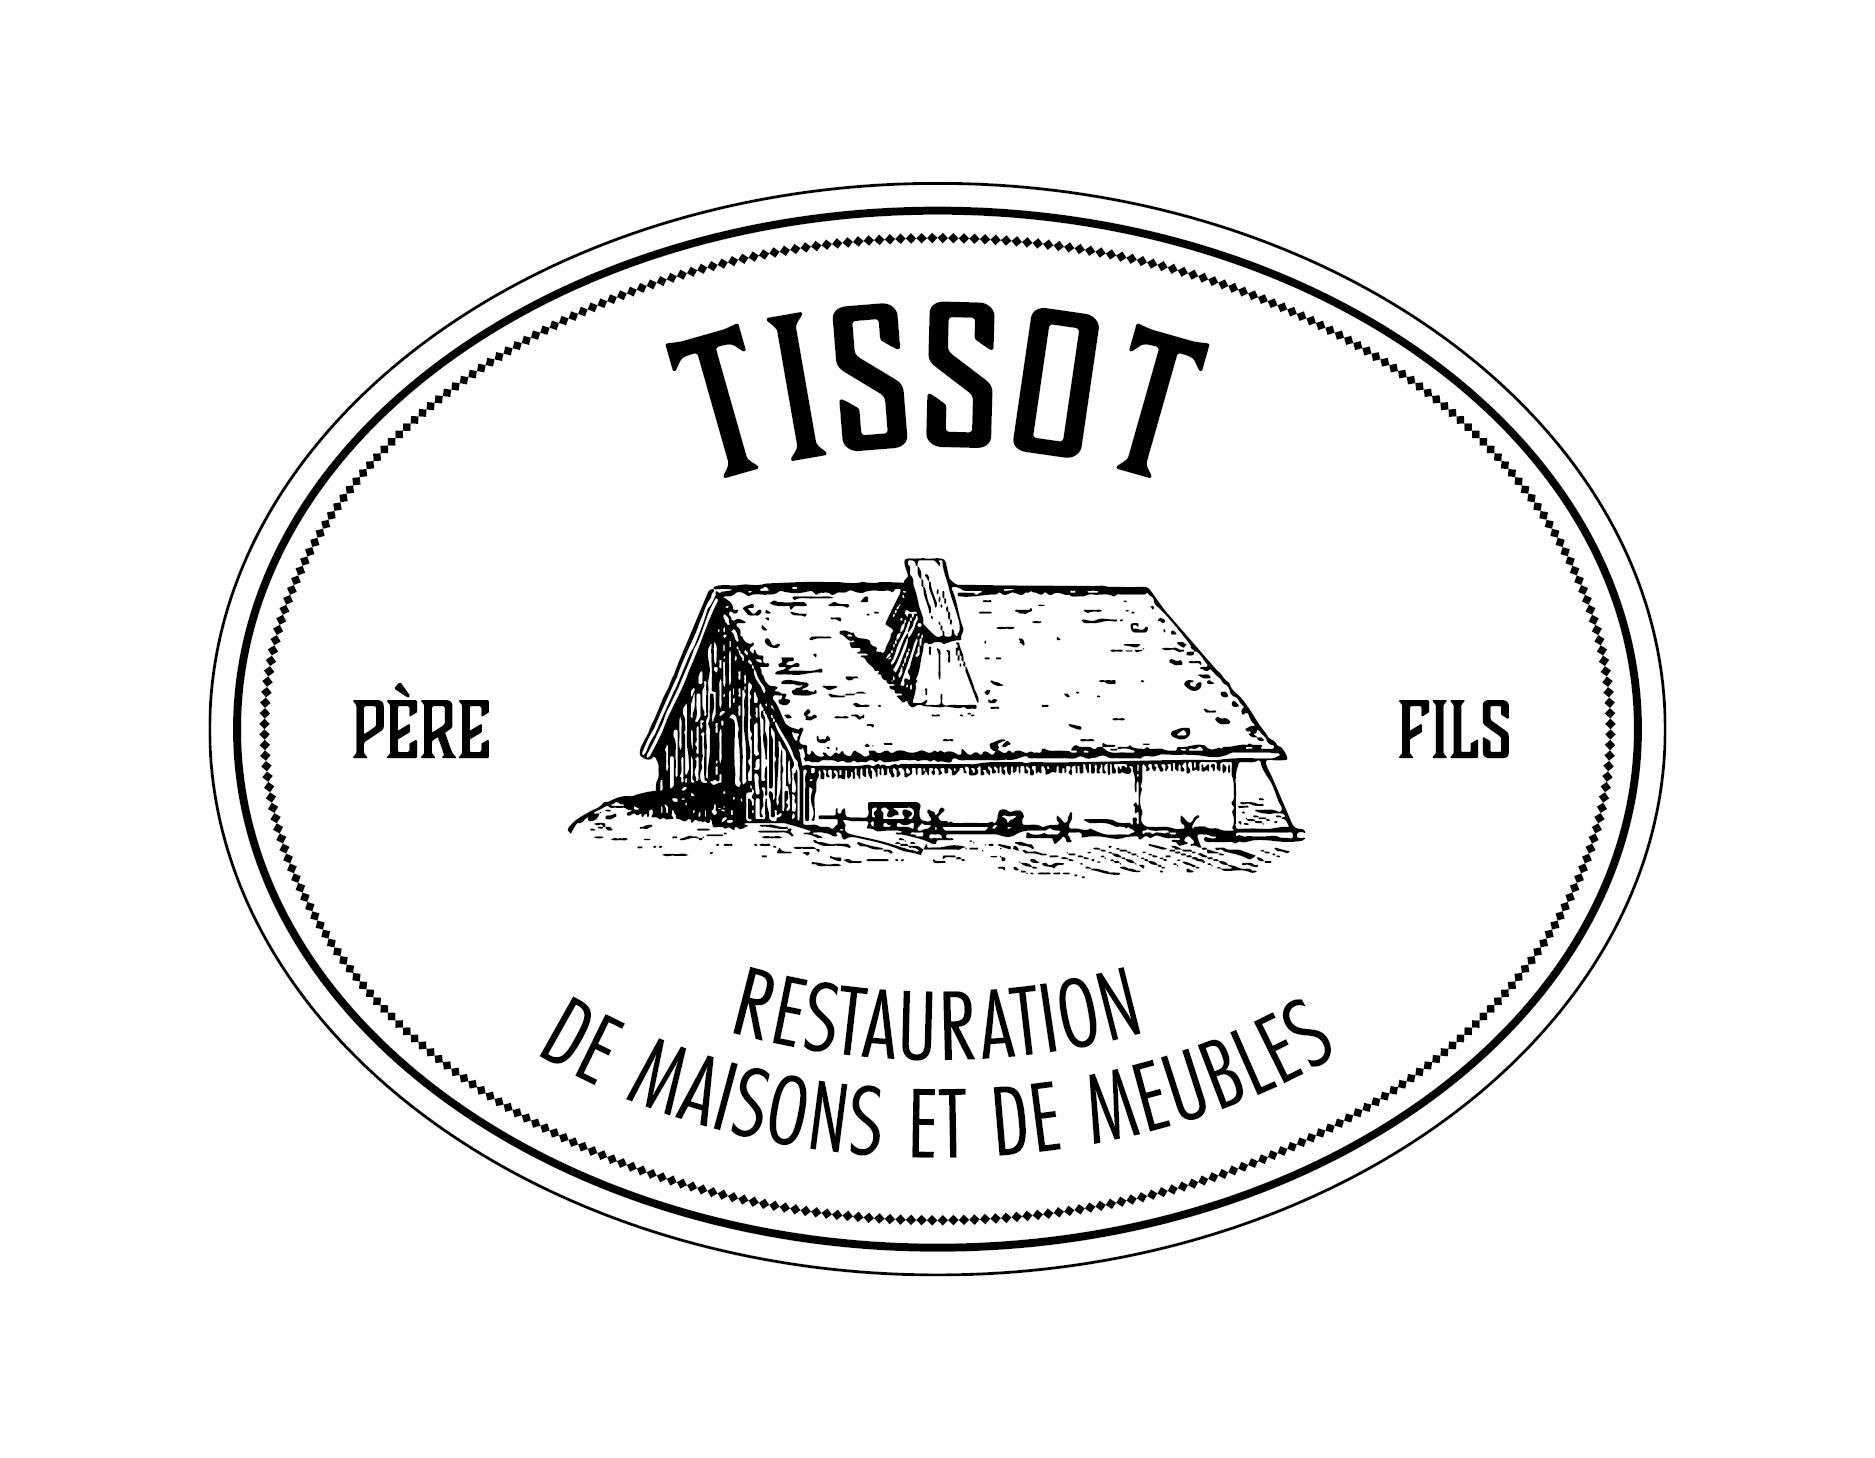 tissot-restauration-la-chaux-de-fonds-logo-design-atelier-tertre